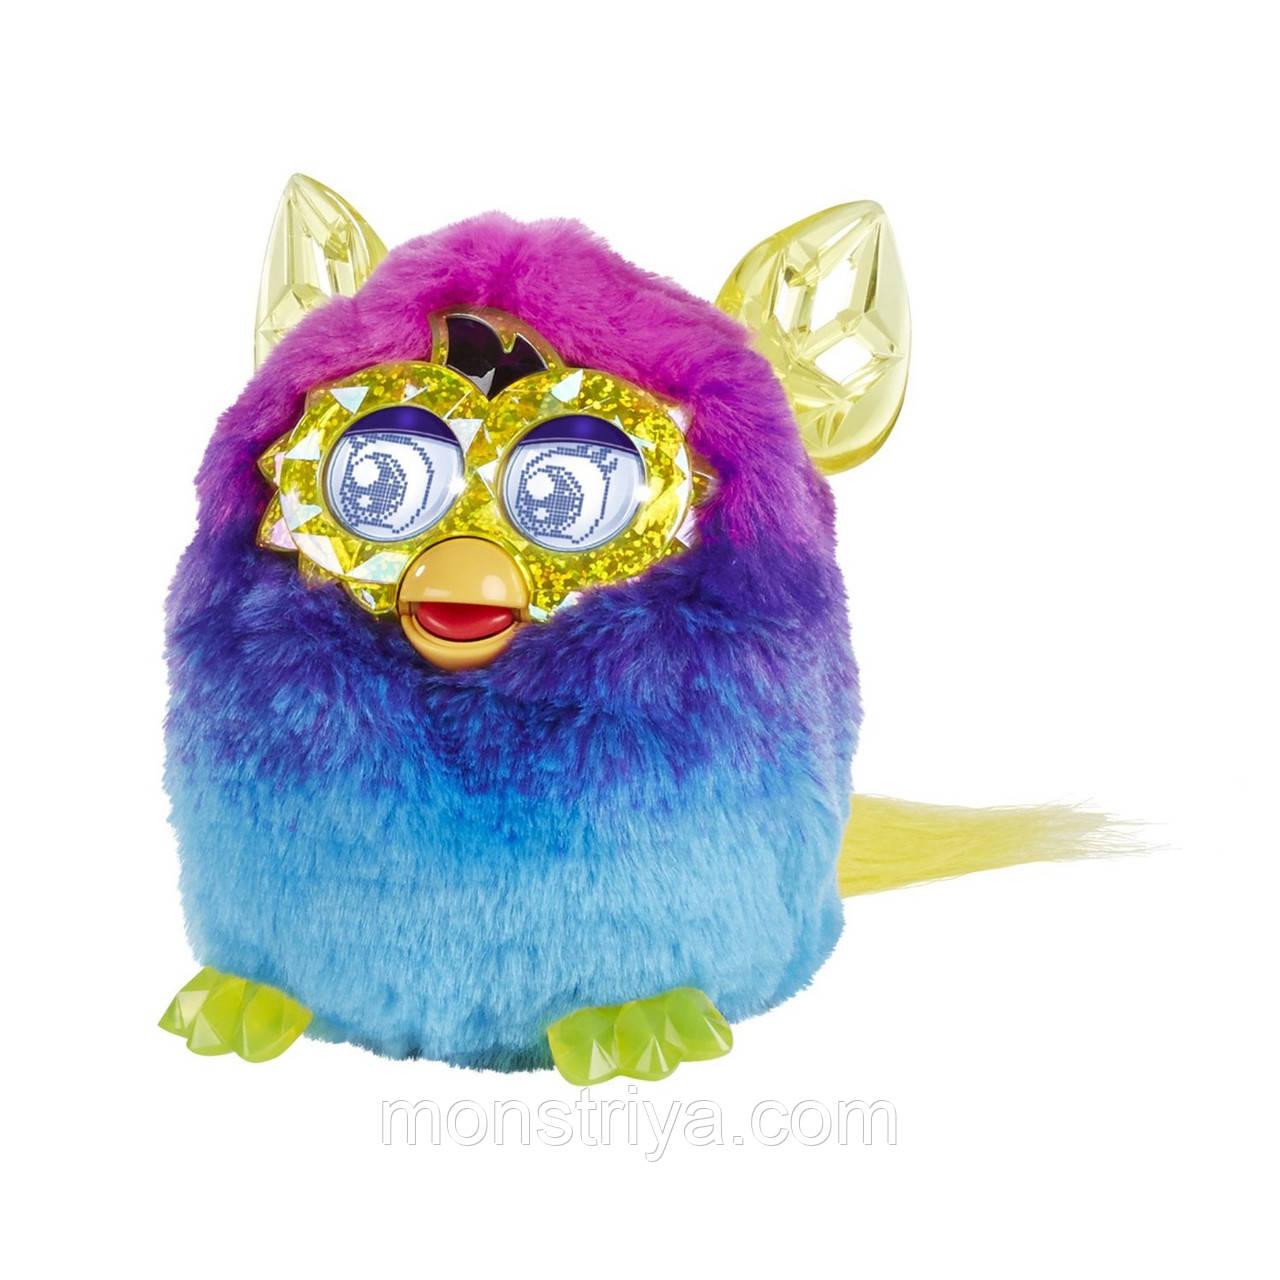 Інтерактивна іграшка Furby Boom Crystal .Ферби бум Крістал серія, Київ